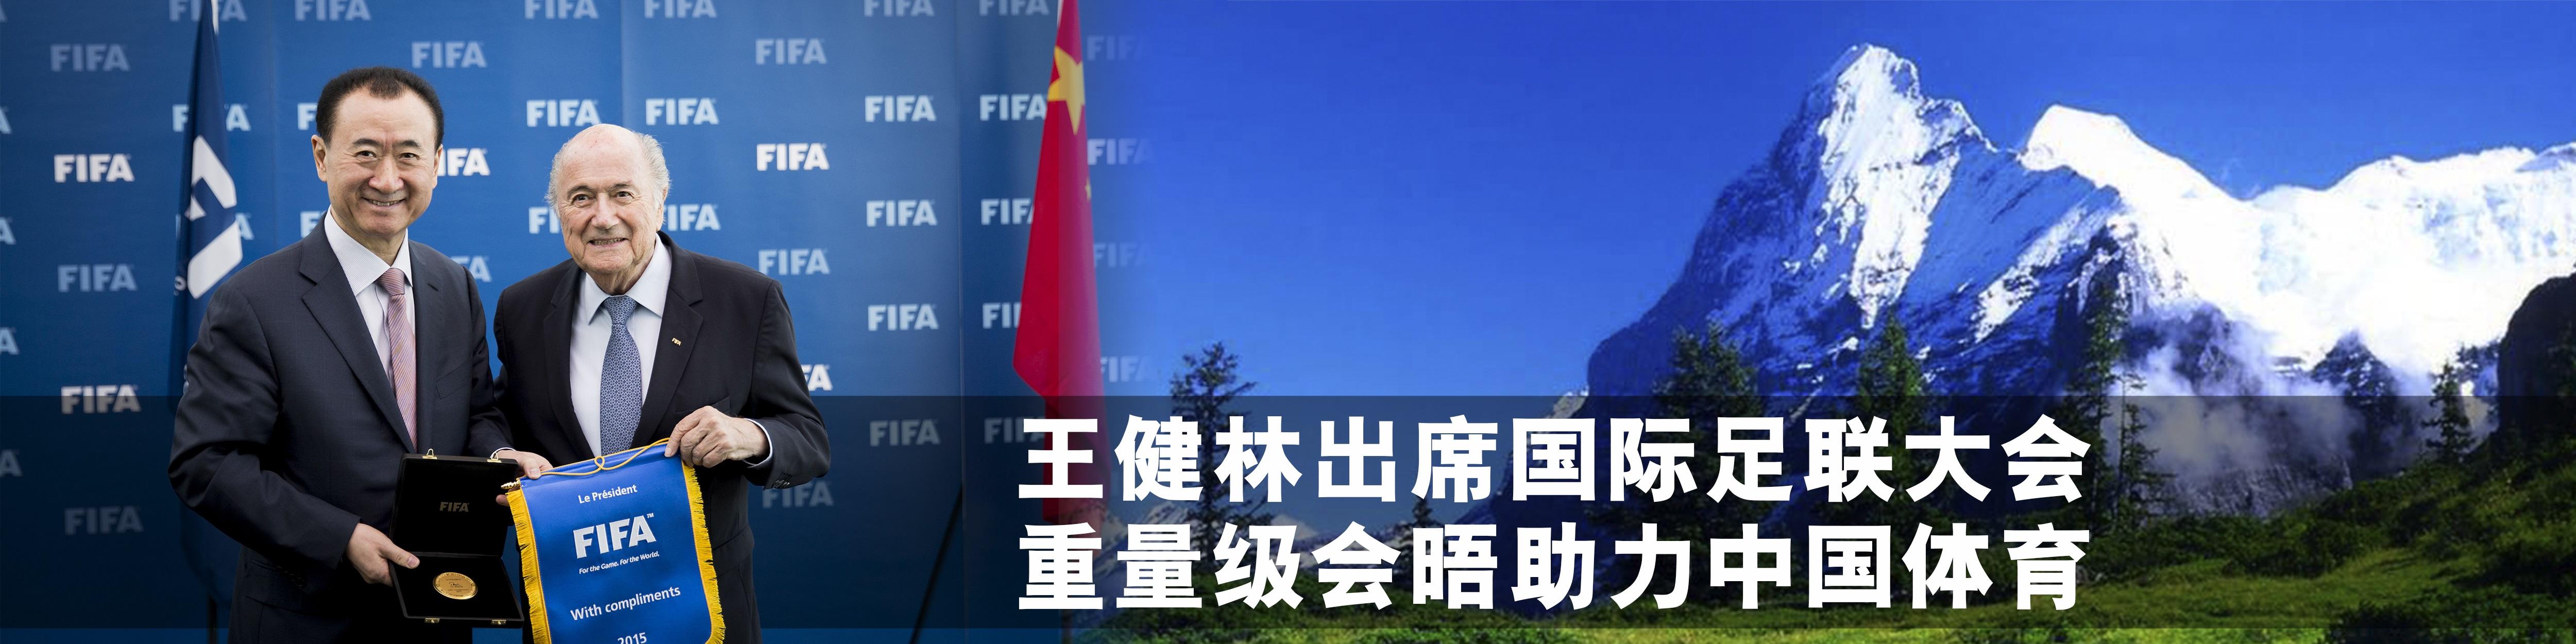 王健林董事长出席国际足联第65届大会